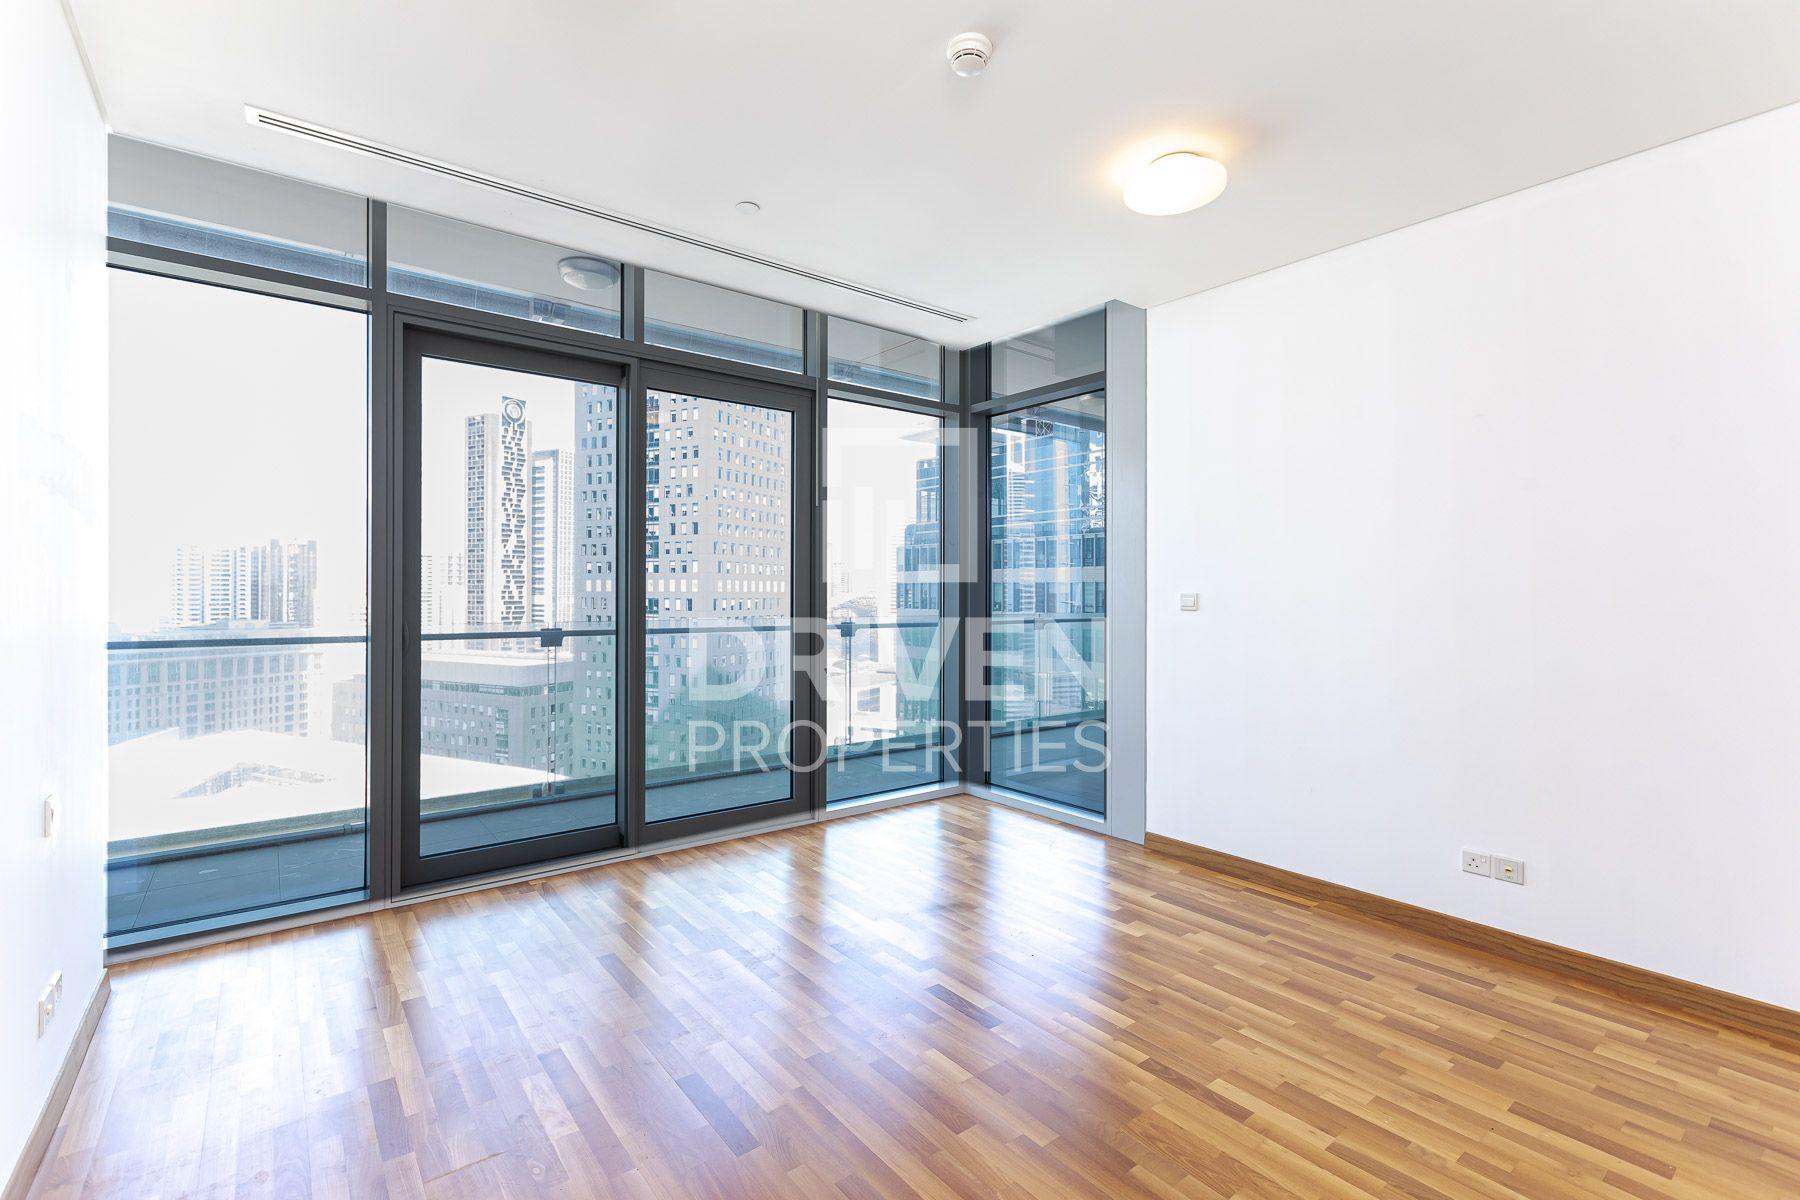 1,798 قدم مربع  شقة - للبيع - مركز دبي المالي العالمي